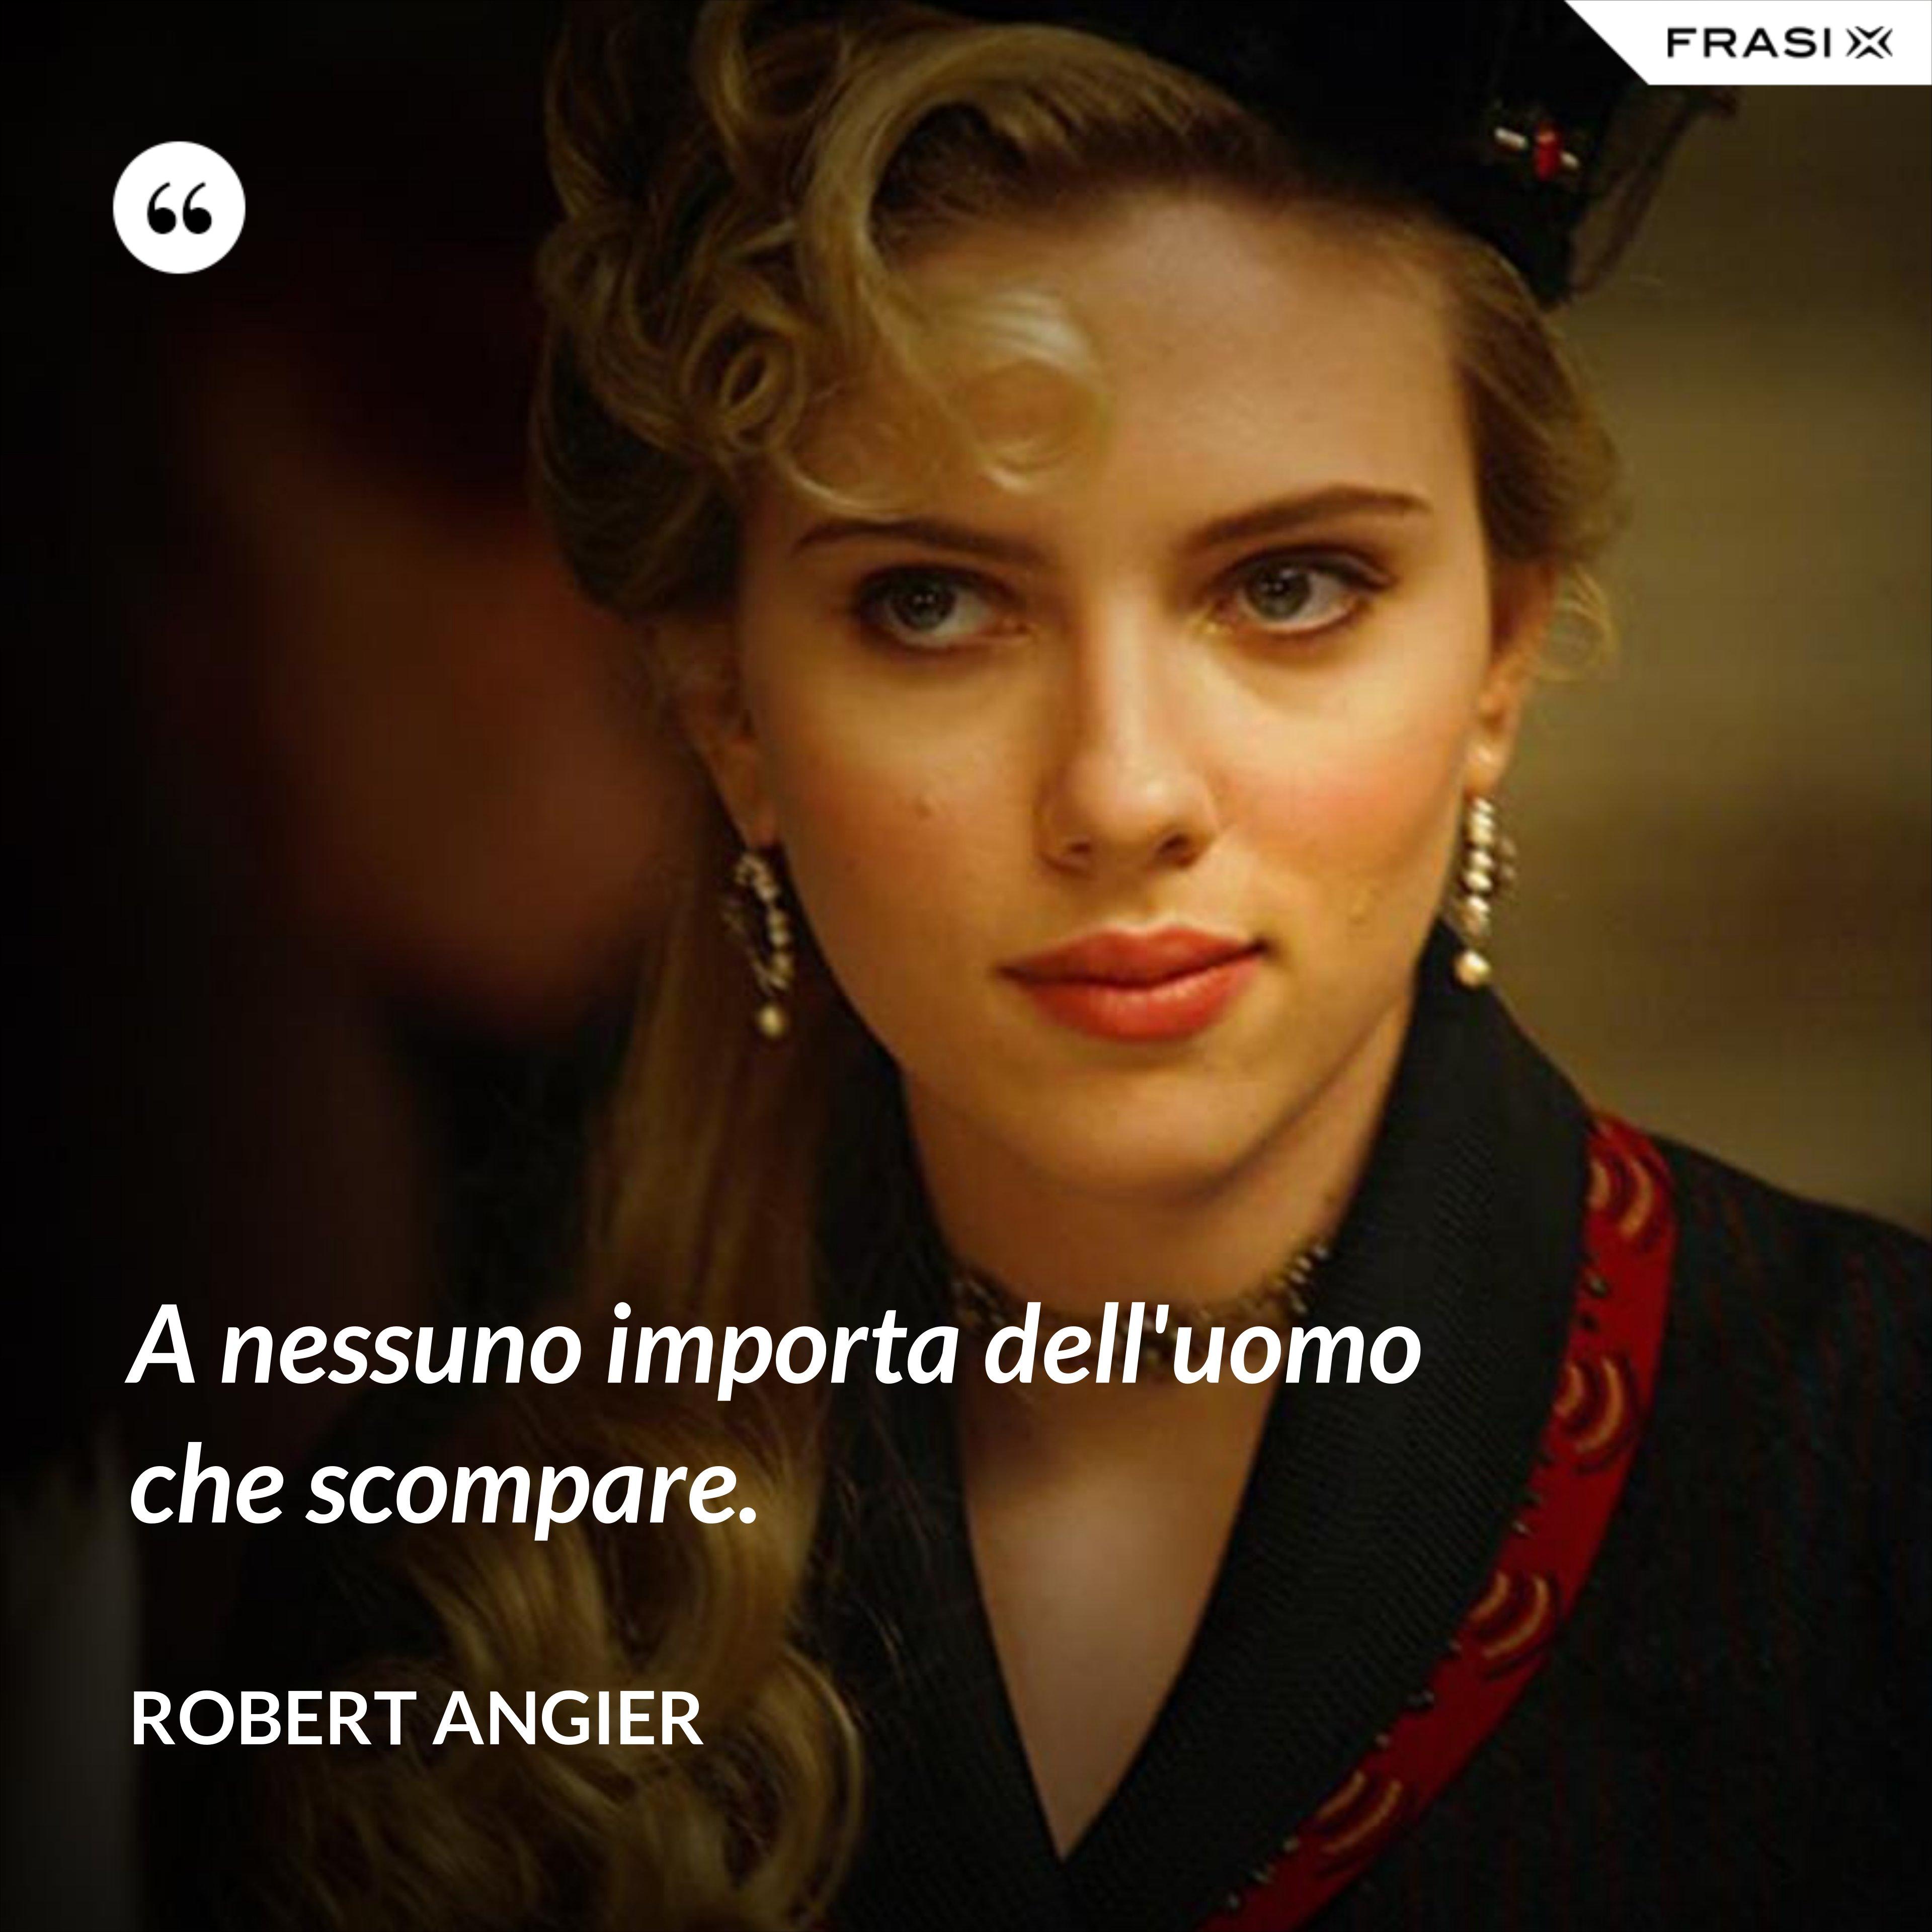 A nessuno importa dell'uomo che scompare. - Robert Angier